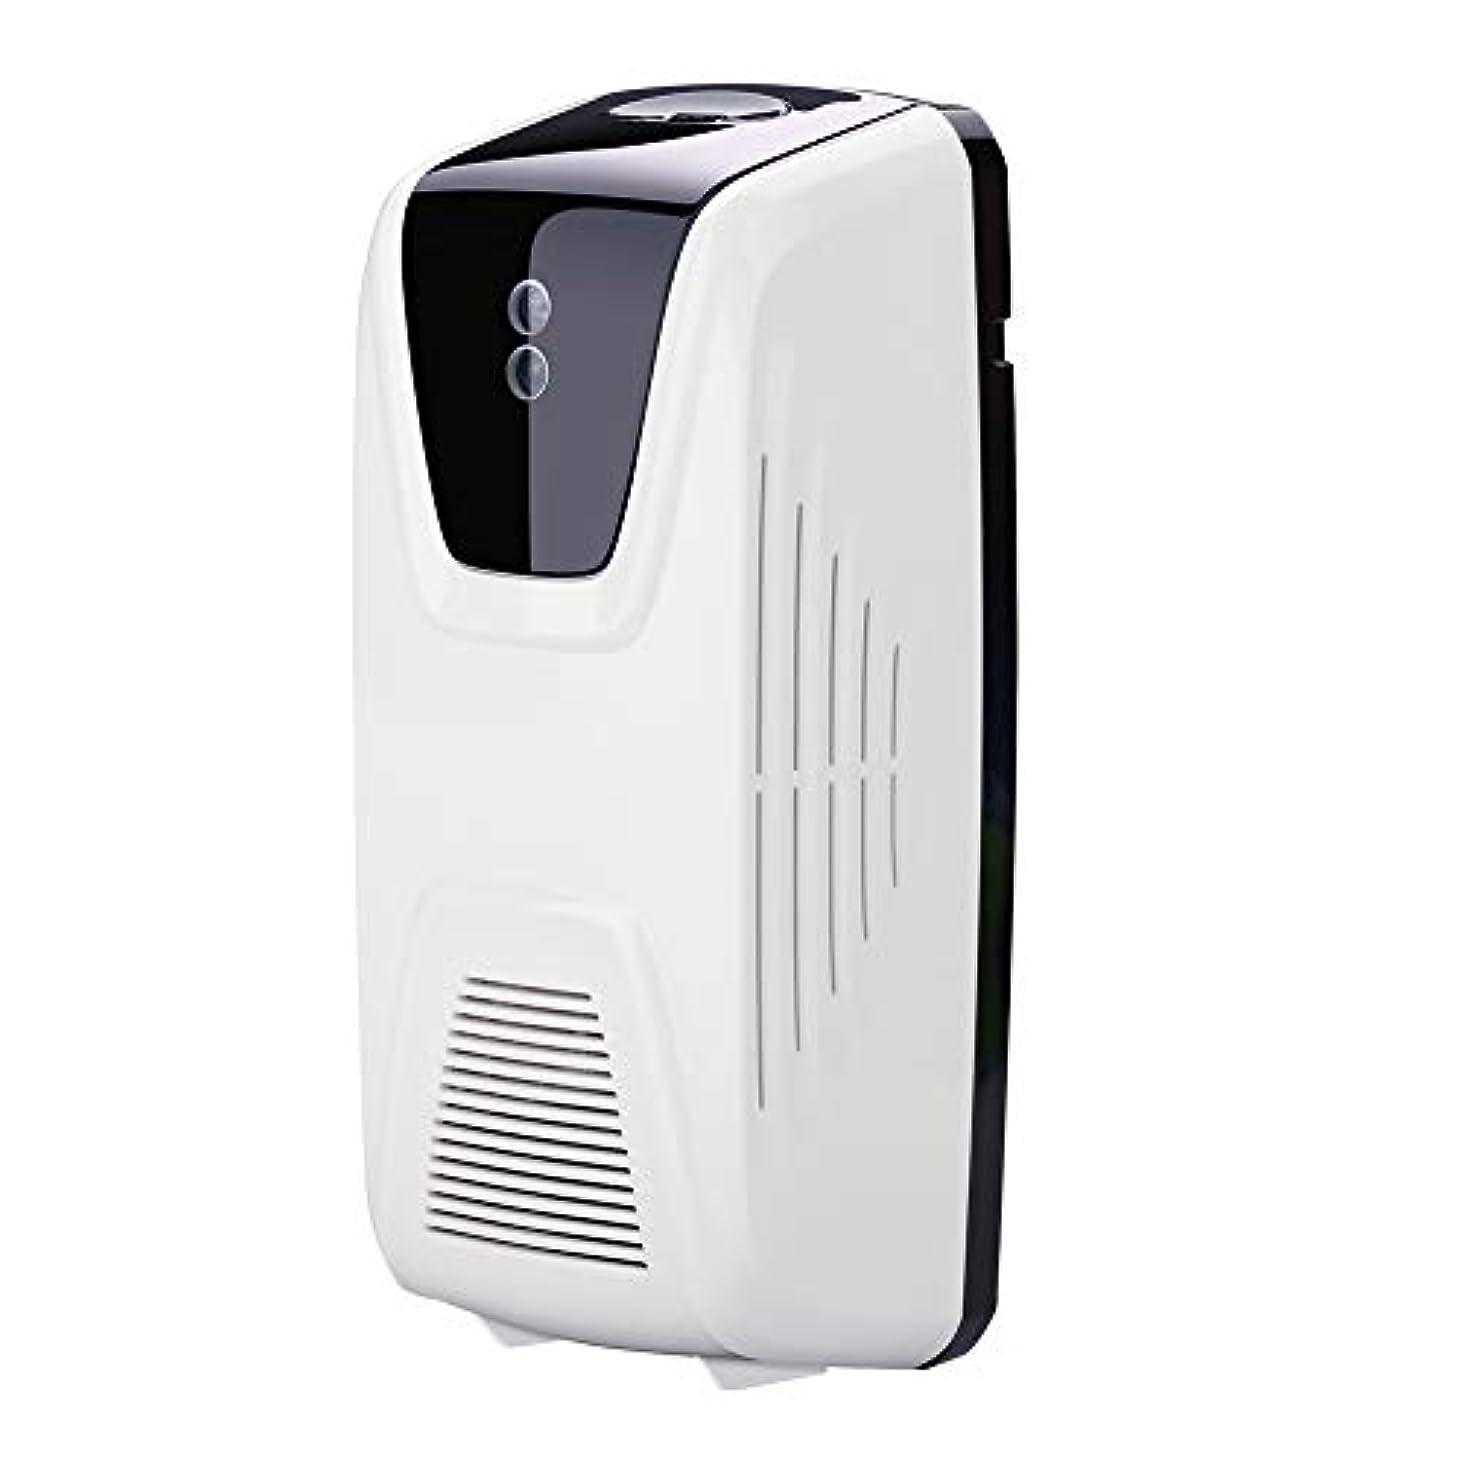 近代化するファン渇きRakuby ファン型 自動 軽いセンサー 空気清浄 ディスペンサー使用 エッセンシャルオイル 香水詰め替え スプレー缶